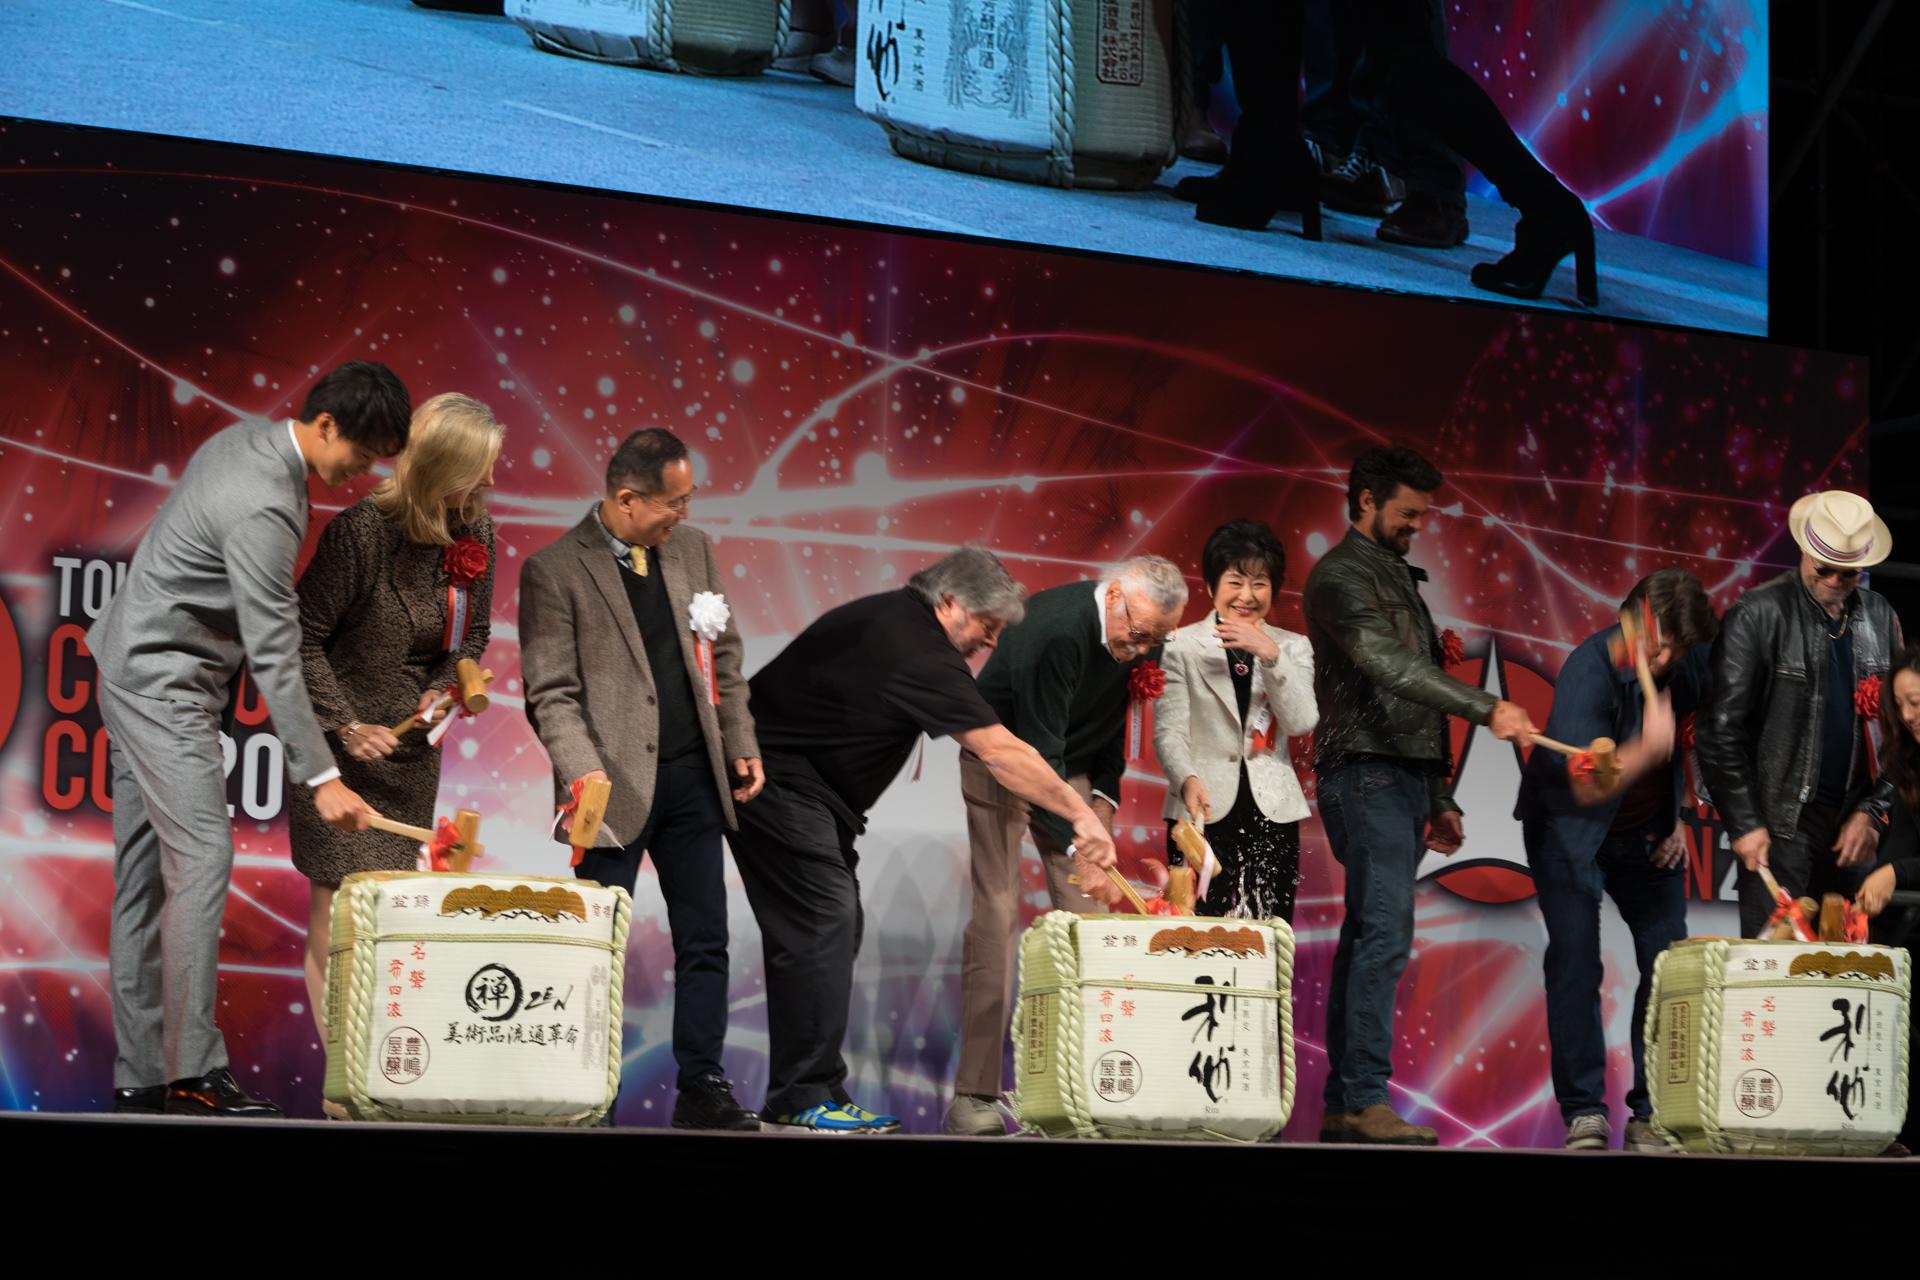 スティーブ・ウォズニアック スタン・リー 鏡開き TOKYO COMIC CON 東京コミコン2017